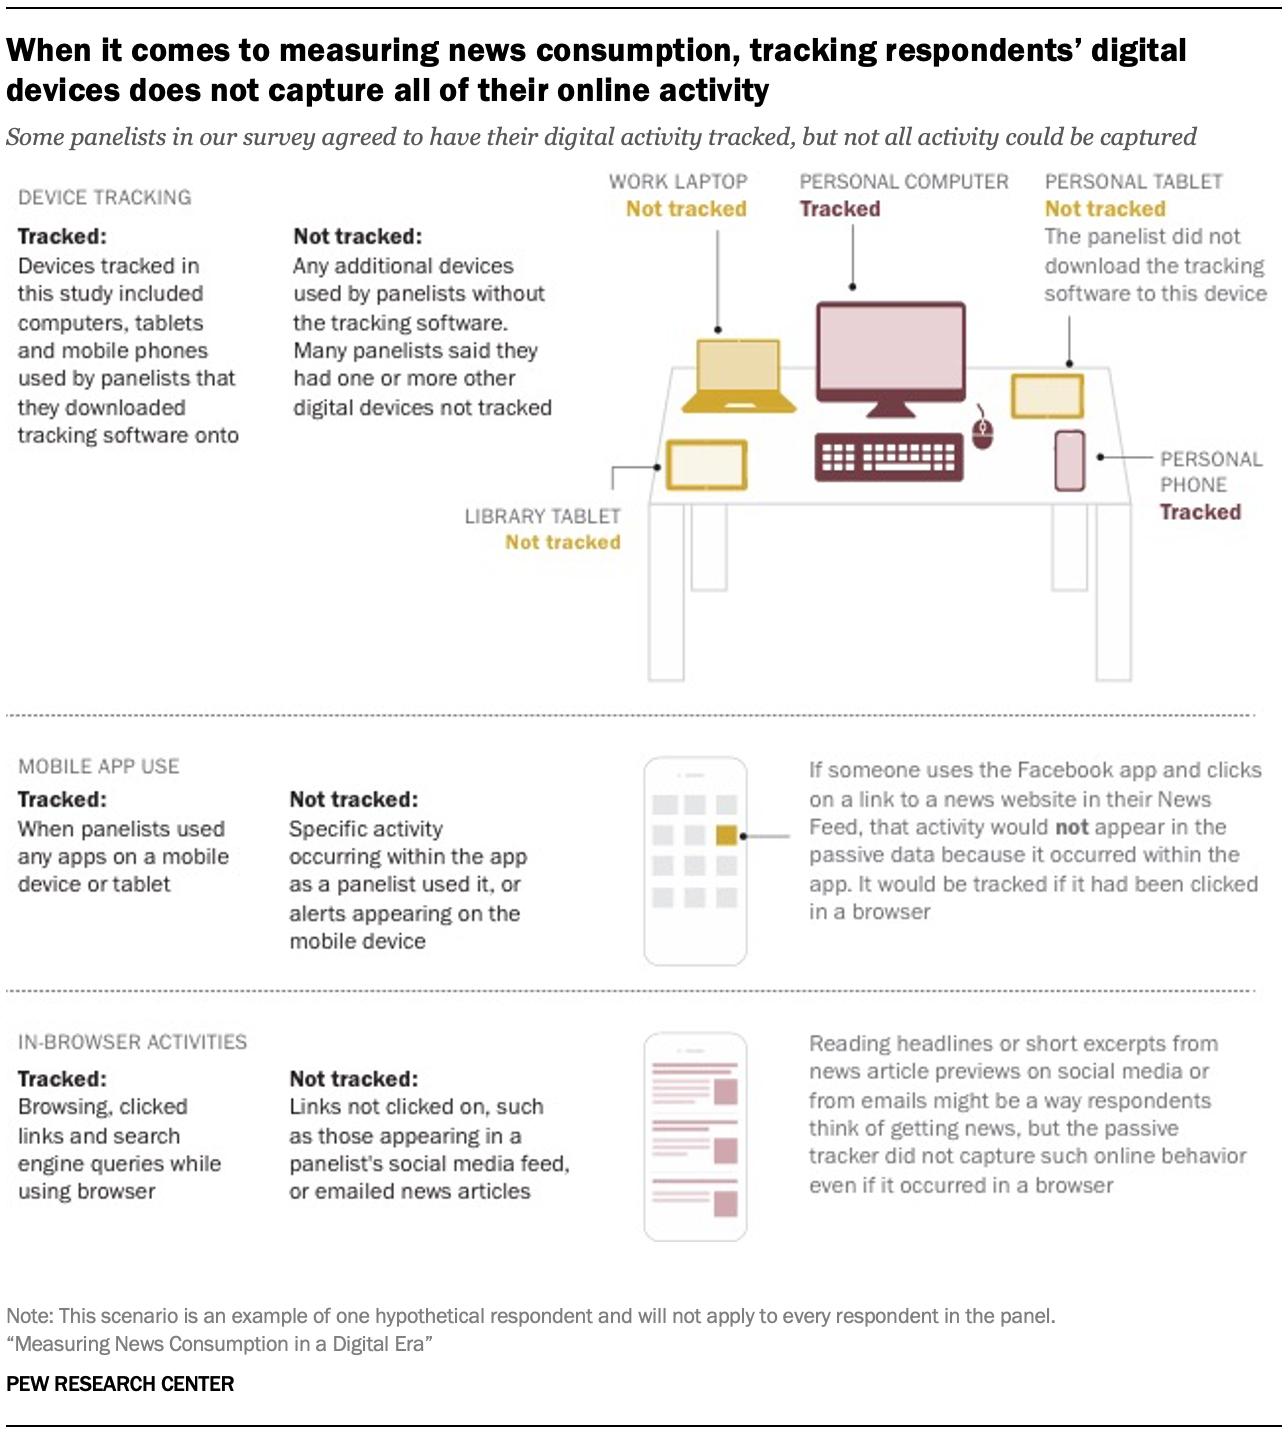 Когда речь заходит об измерении потребления новостей, отслеживание цифровых устройств респондентов не фиксирует всю их онлайн-активность